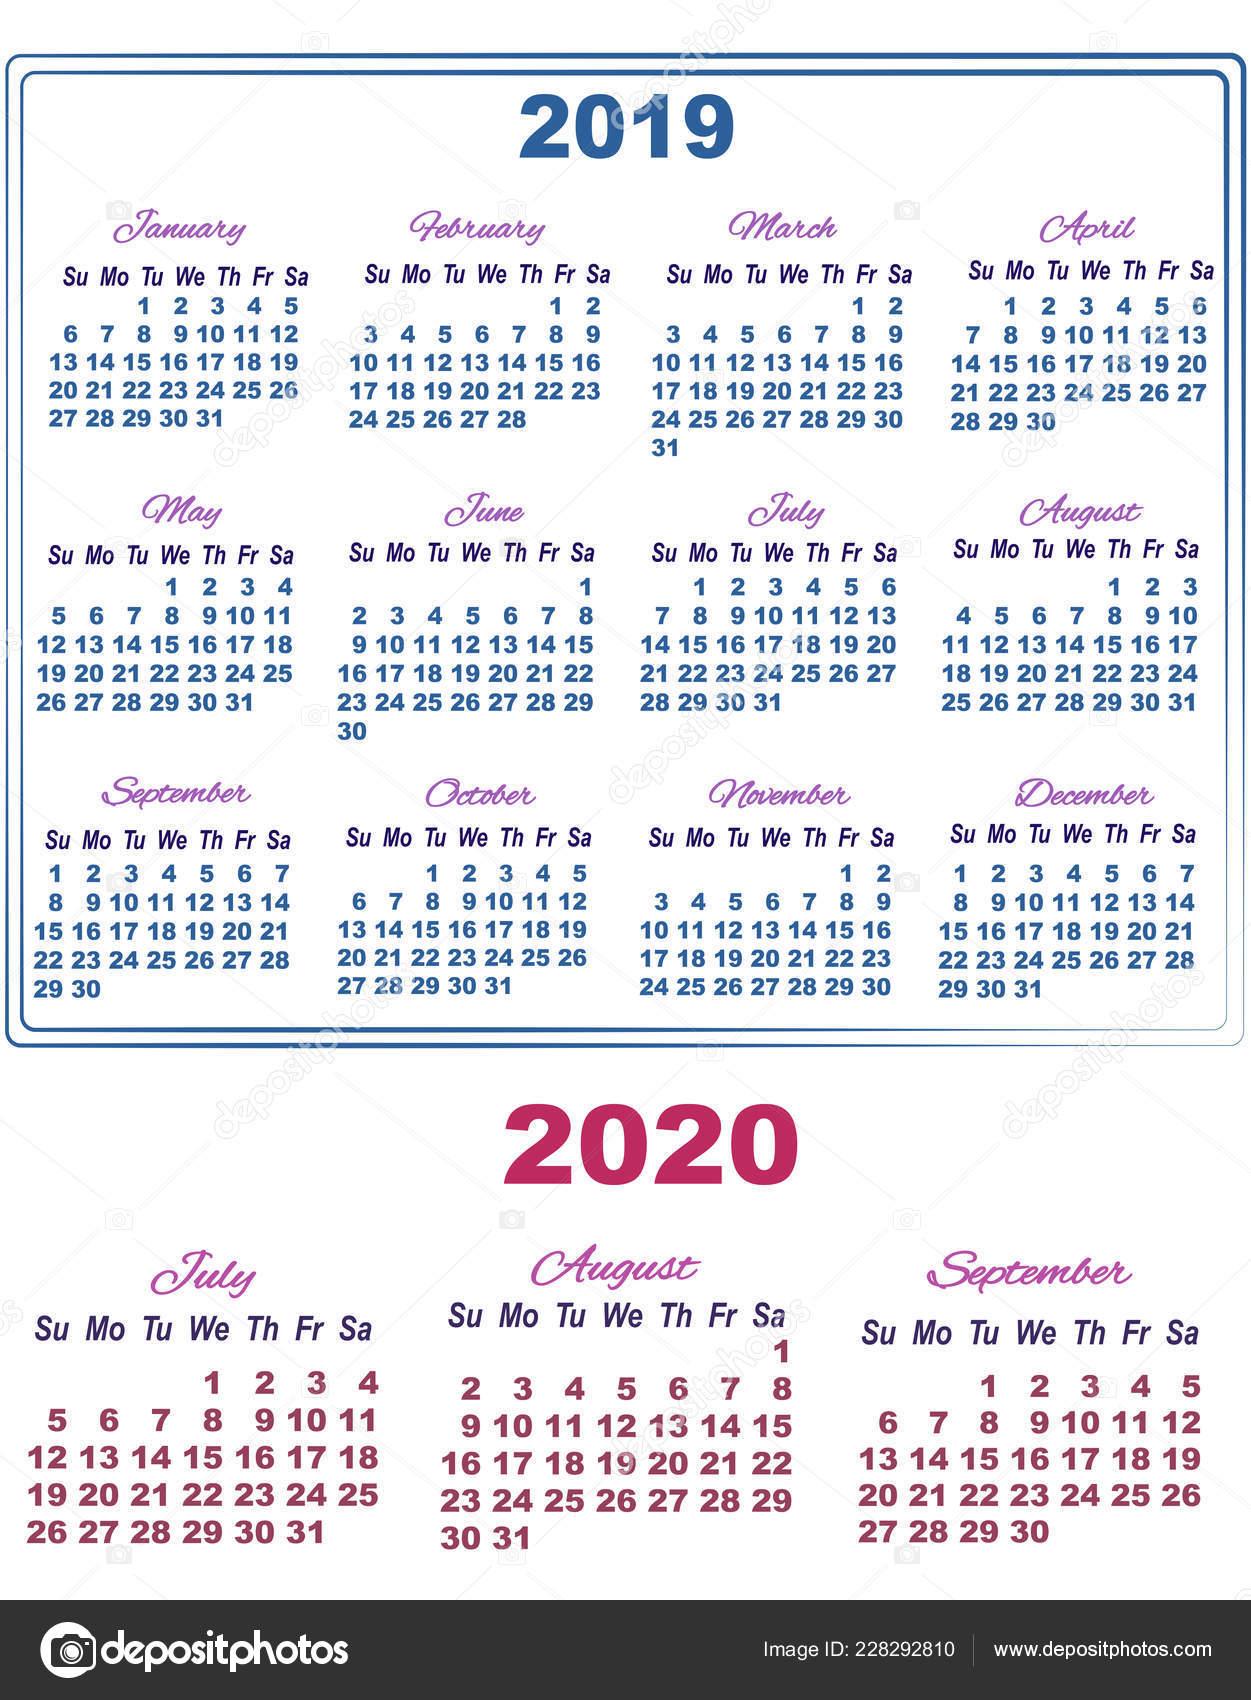 Calendrier Septembre 2020 Aout 2019.Calendrier 2019 En Juillet Aout Et Septembre De 2020